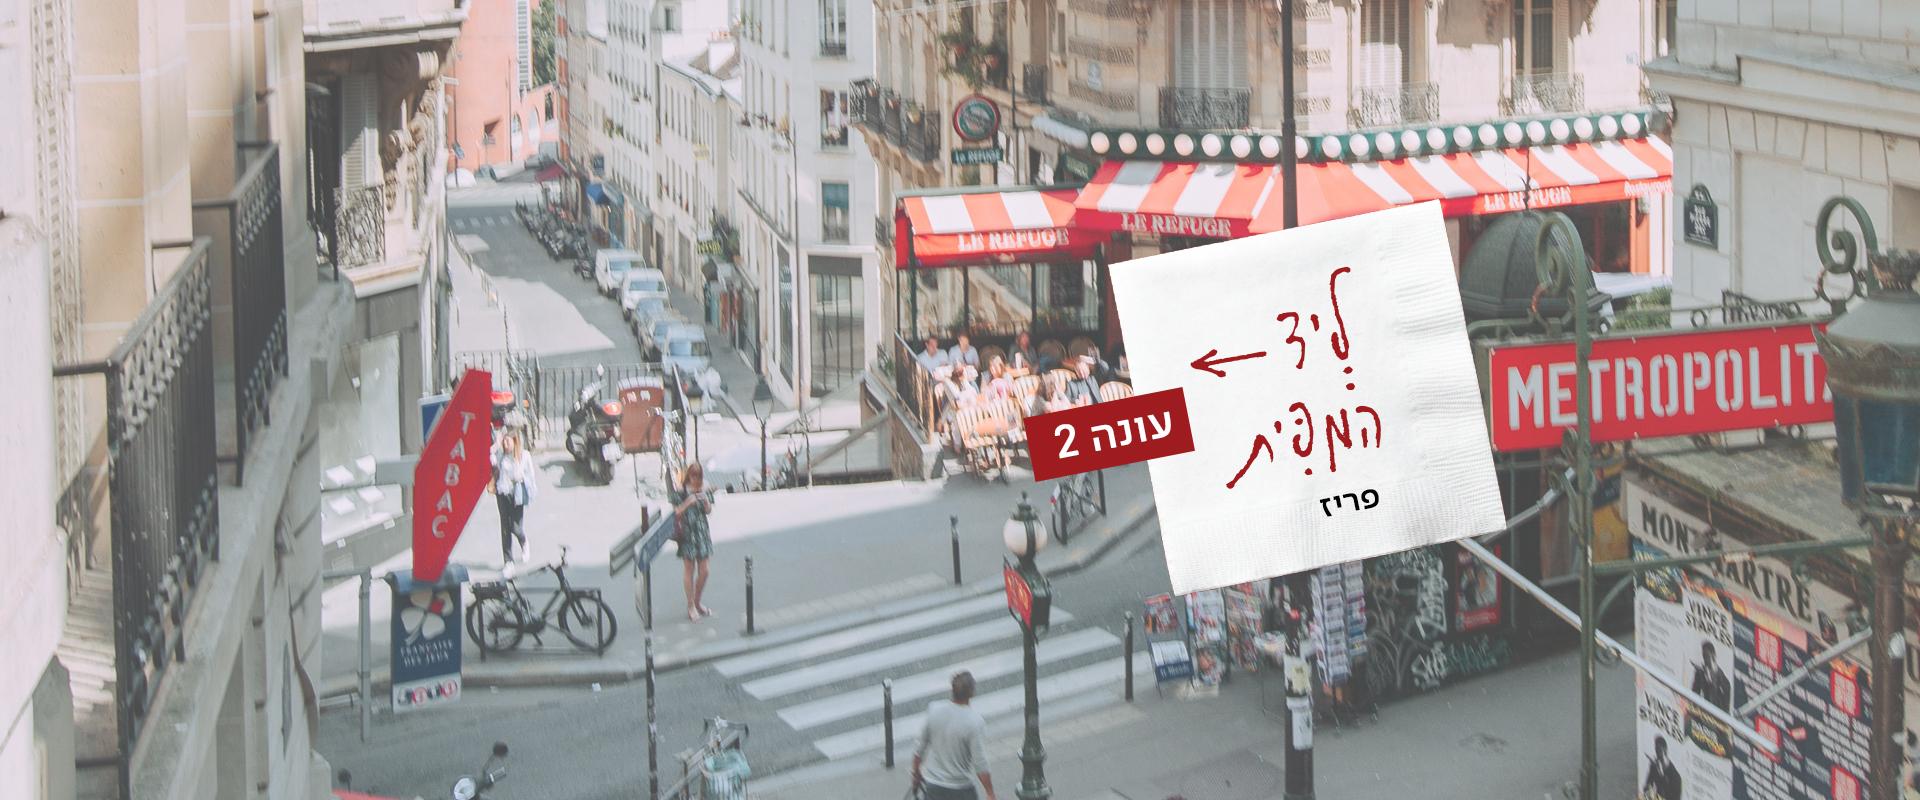 ליד המפית | לאכול בפריז עם יריב ברבי